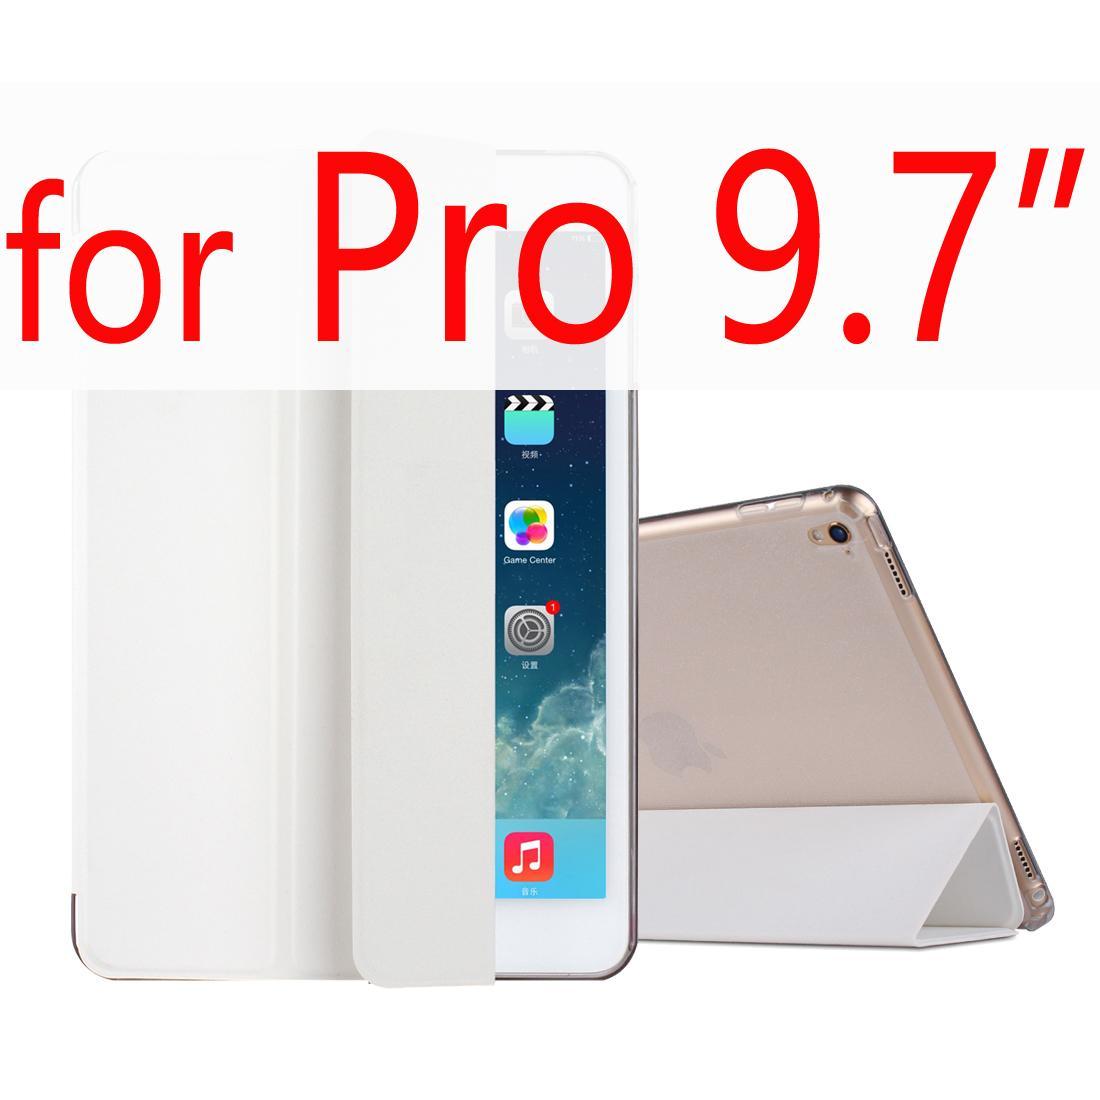 efcc59919d846250811904ae115dc0ea Harga Ipad Pro 97 Ibox Termurah Maret 2019